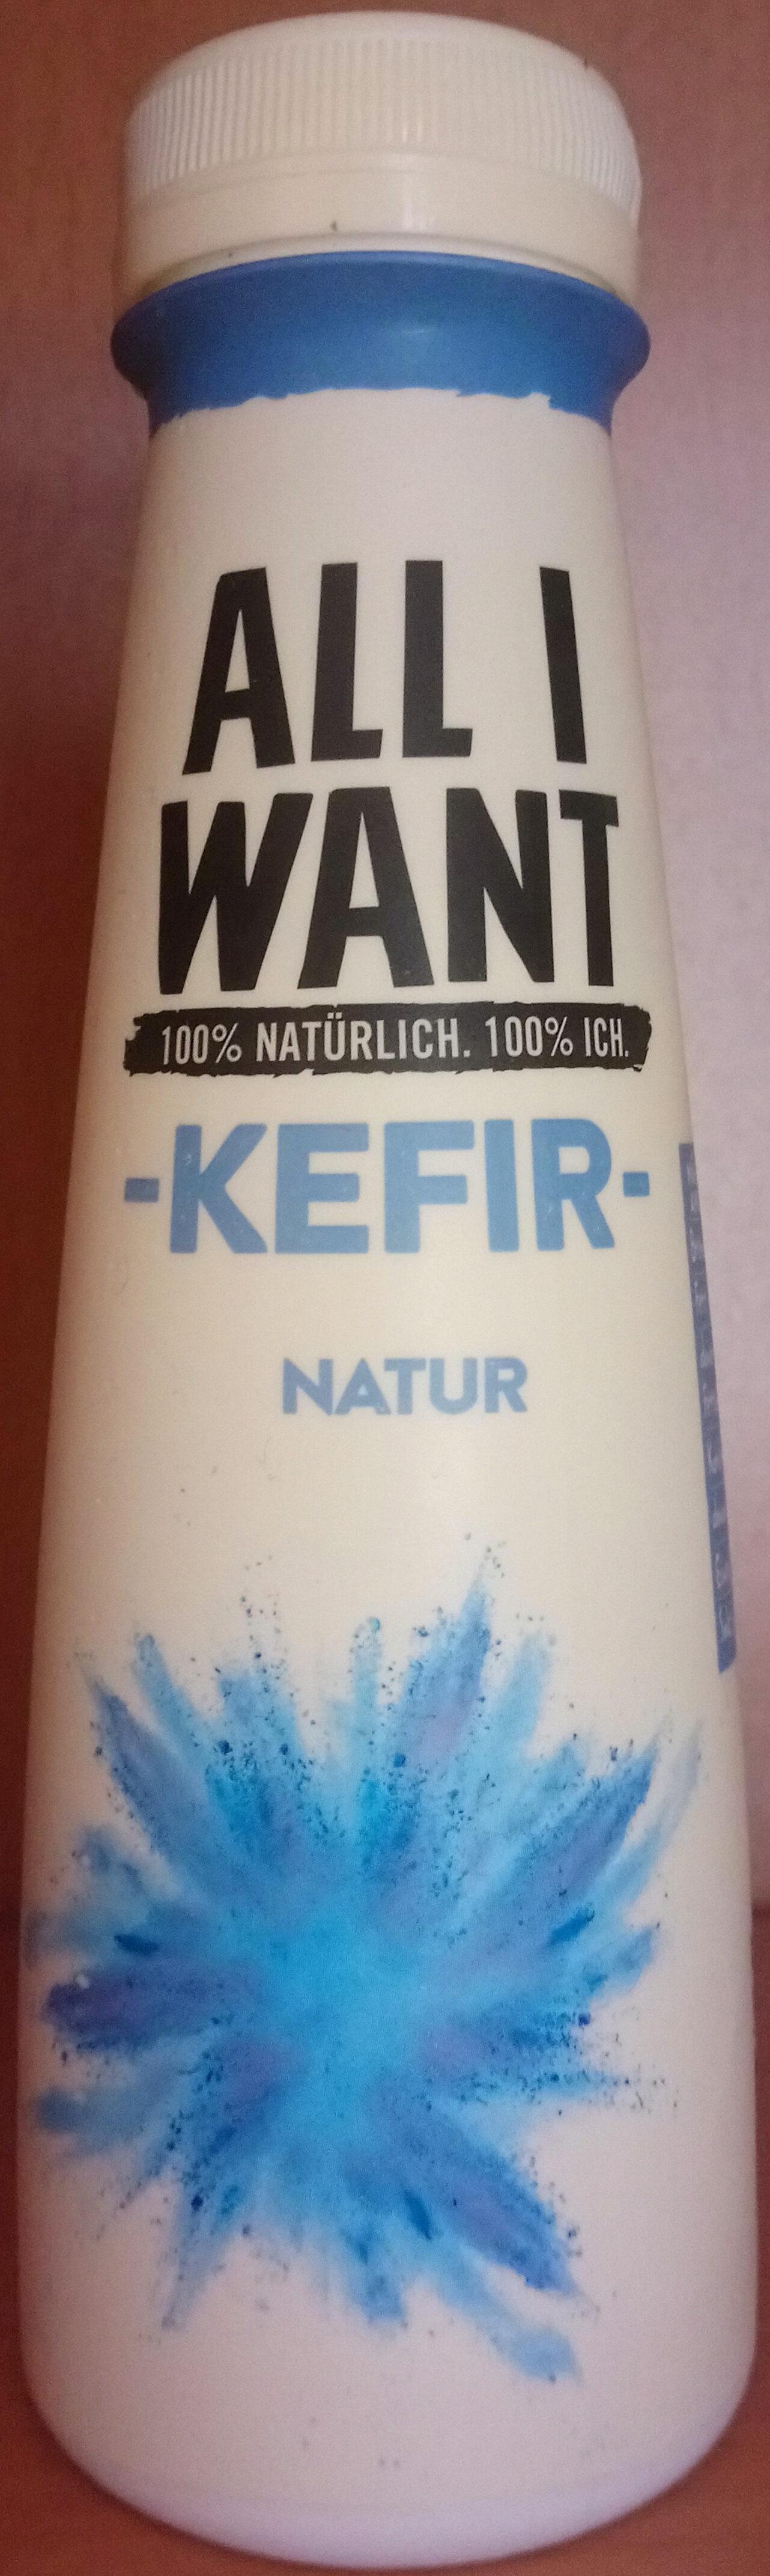 Kefir Natur - Prodotto - de